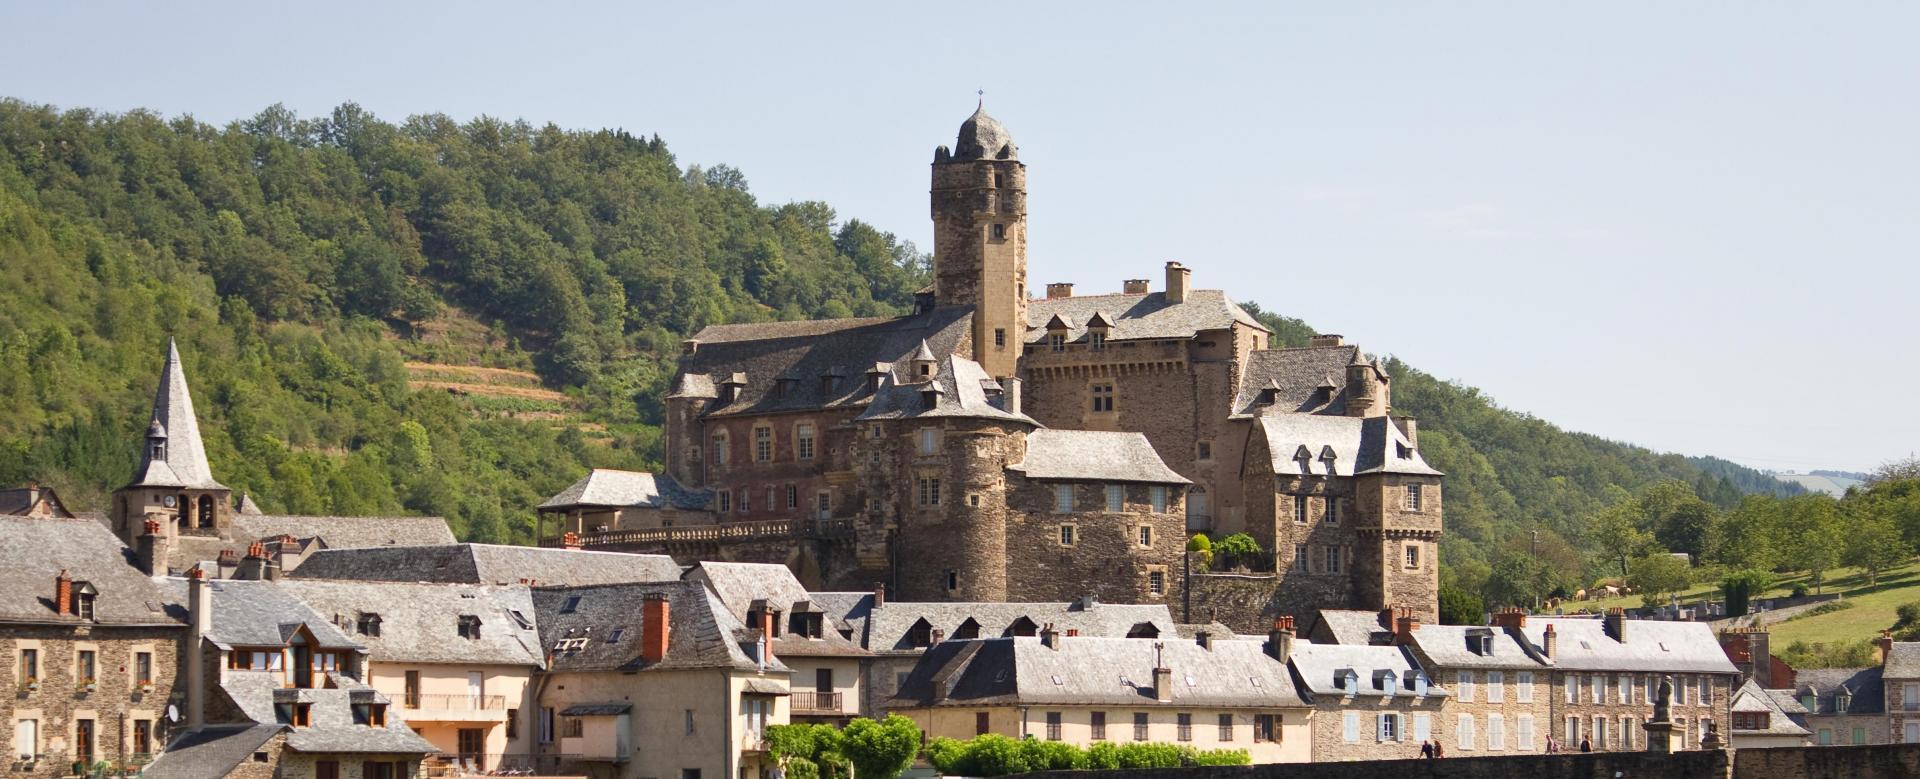 Voyage à pied France : Promenade littéraire en aubrac